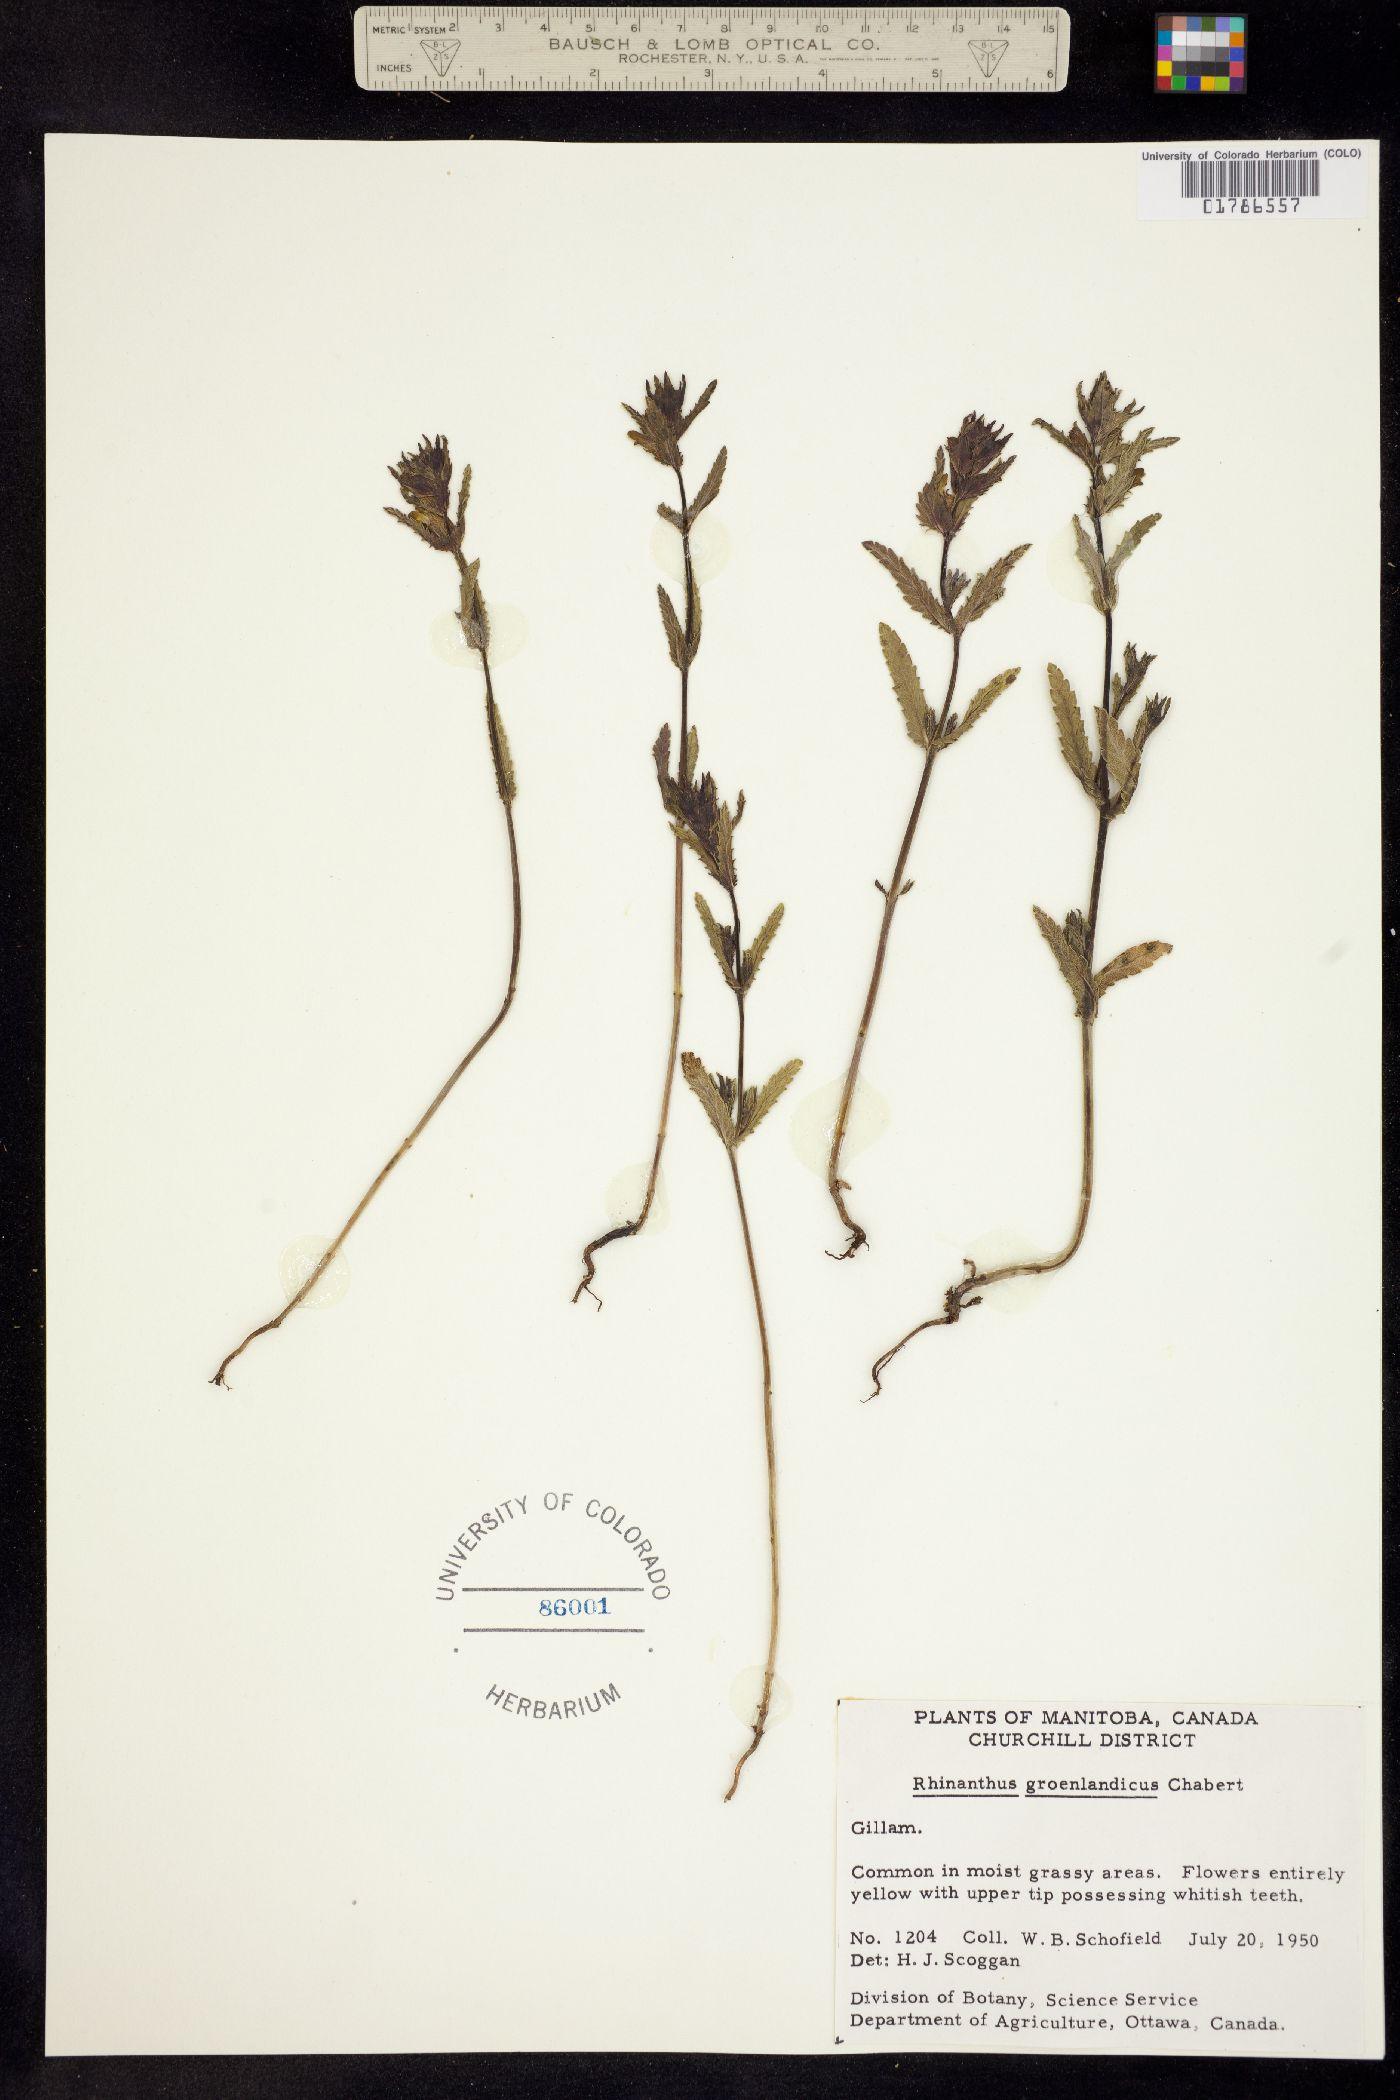 Rhinanthus groenlandicus image